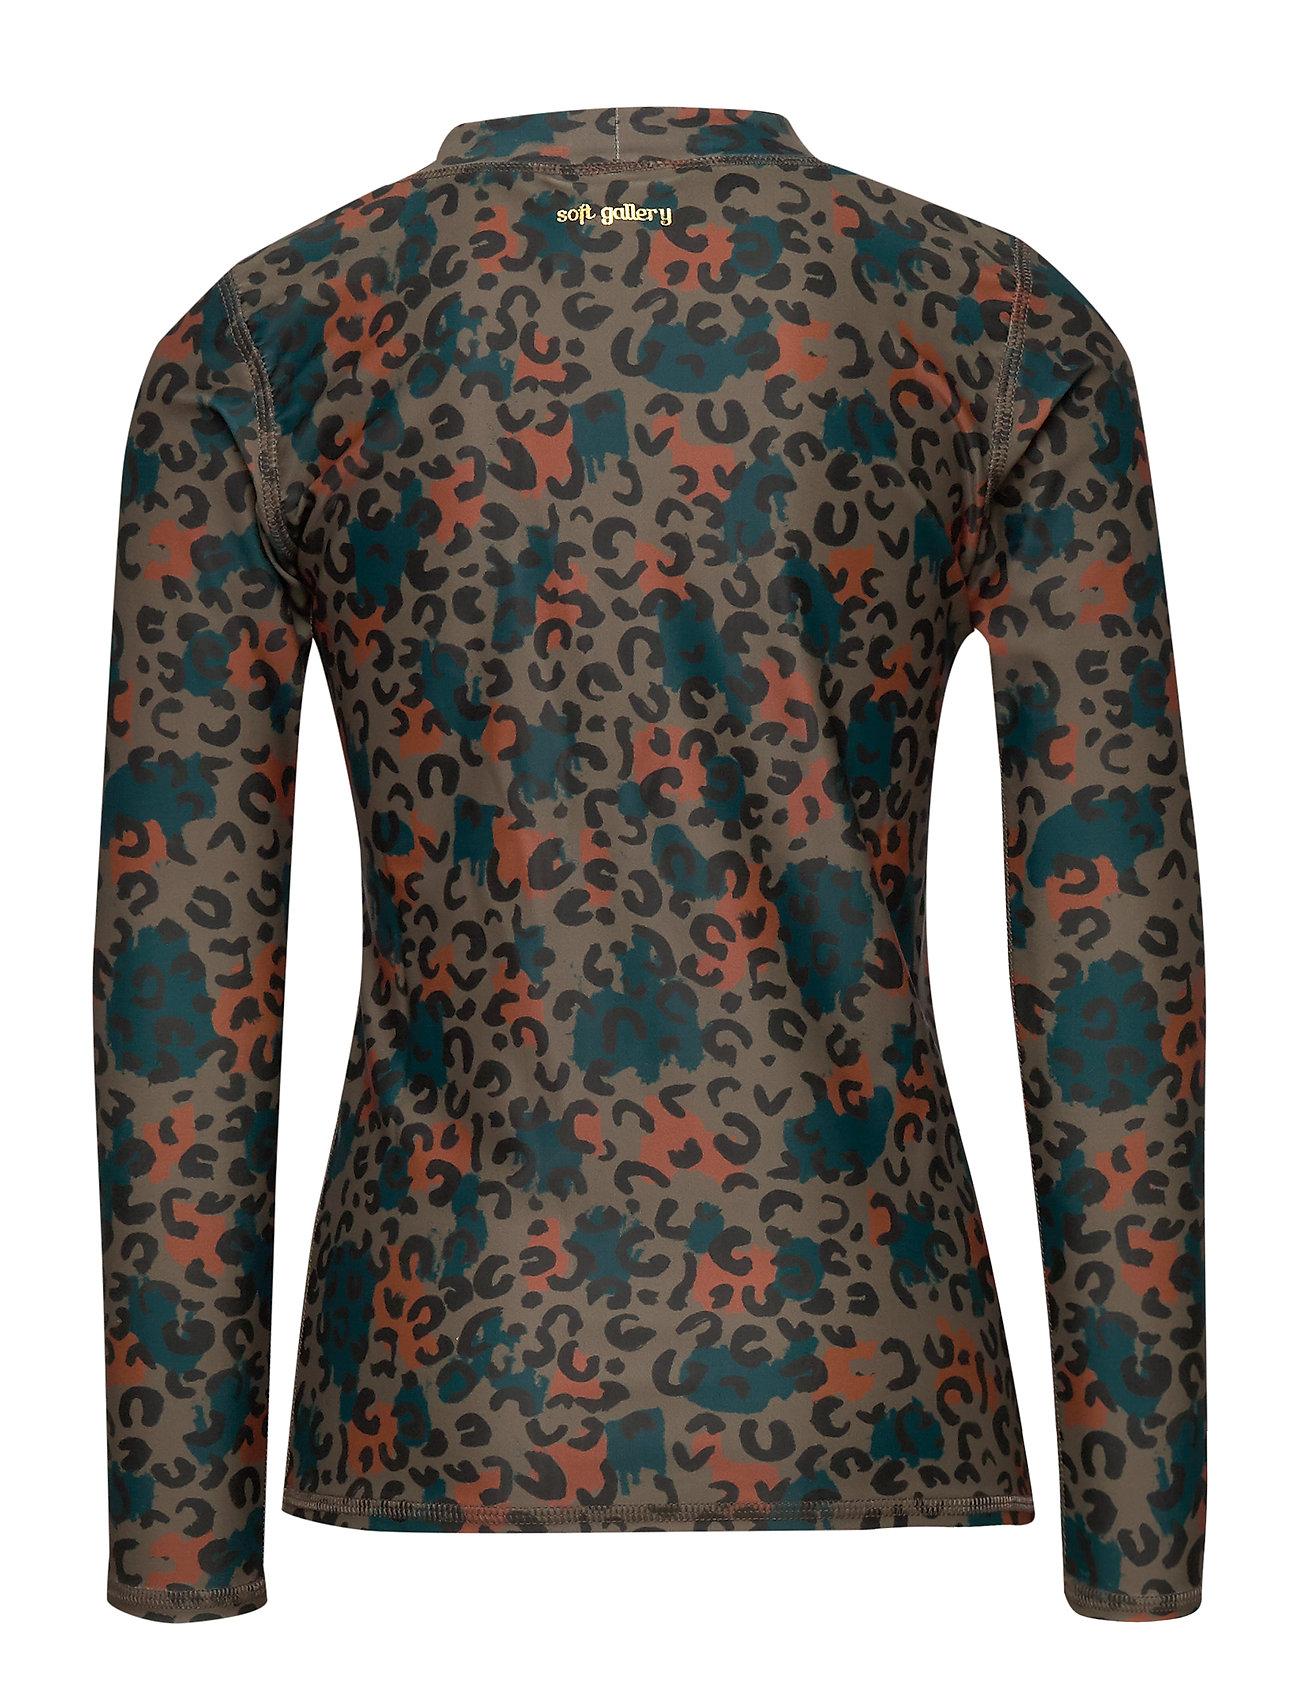 Soft Gallery Astin Sun Shirt (Fossil Aop Camoleo Swim) 314.30 kr | Stort utbud av designermärken 8g2F7UEM